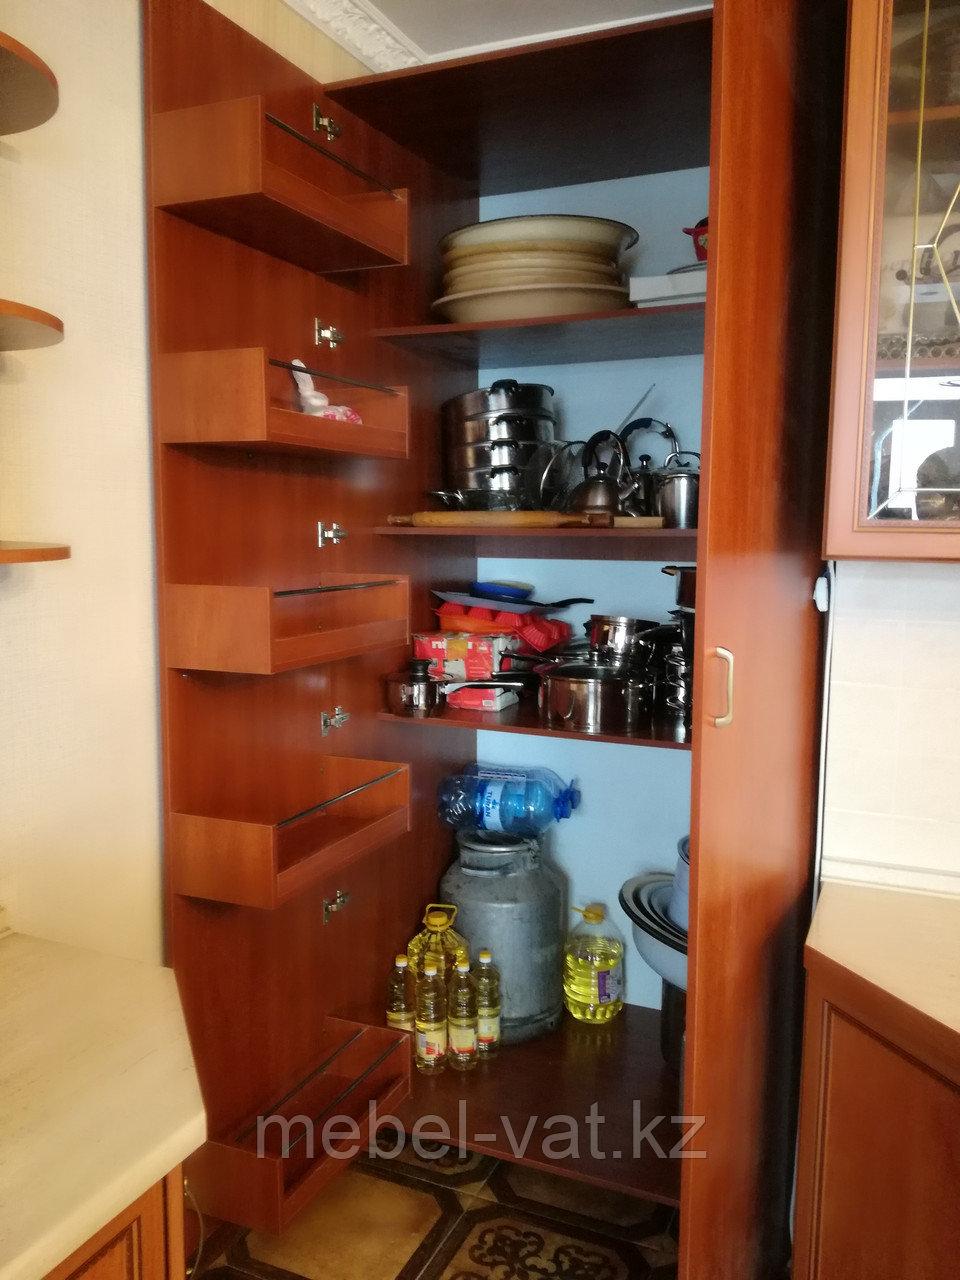 Нестандартный шкаф на кухню